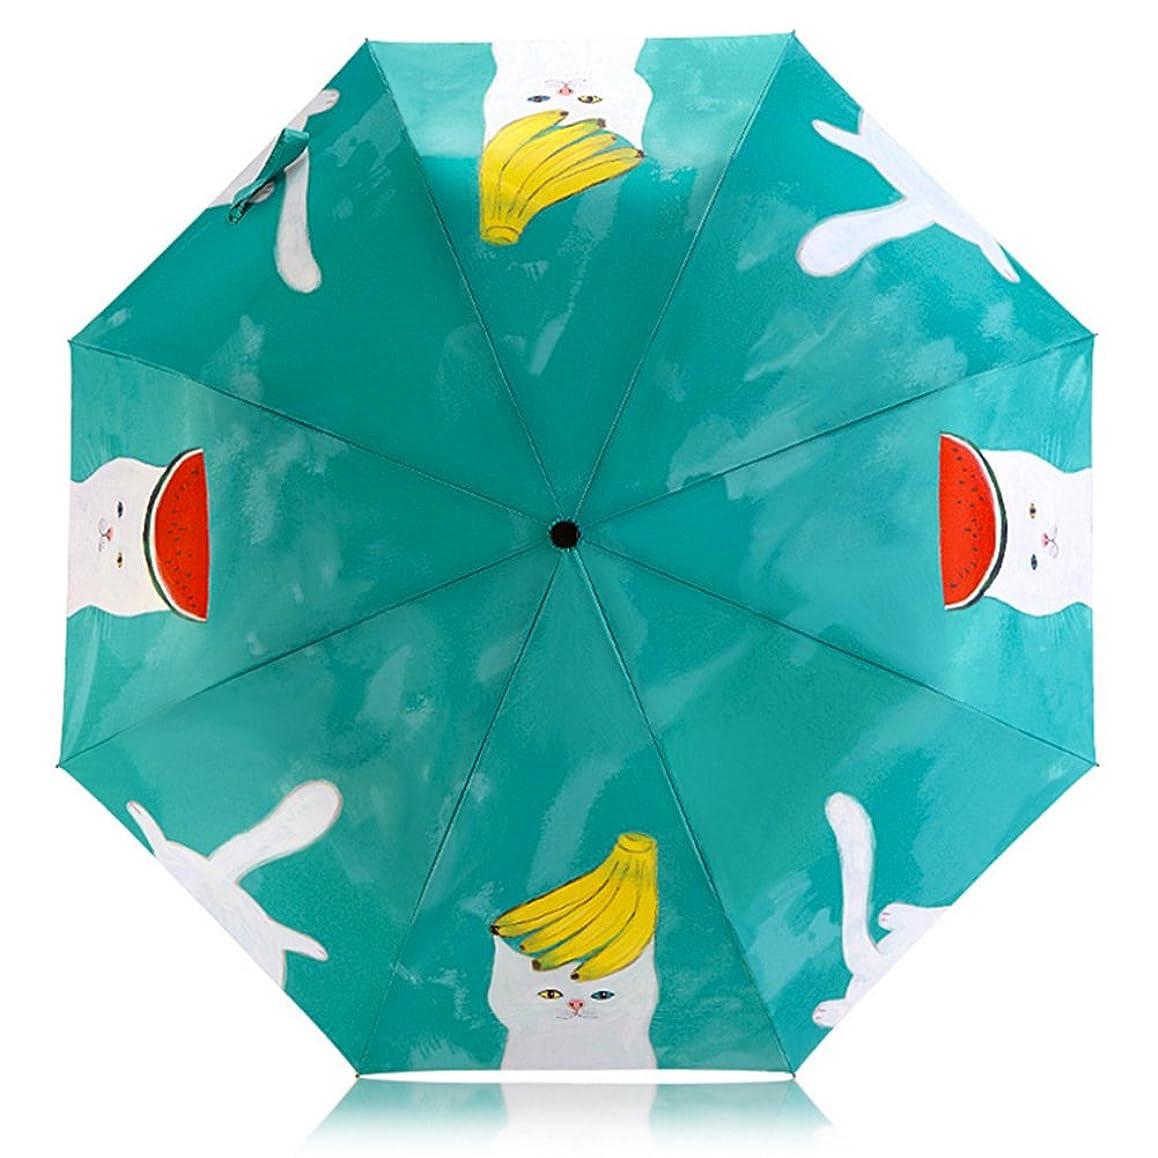 資格情報バージン近傍shopparadise 果物猫柄折り畳み傘 日除け日傘 晴雨兼用 軽量 UPF50+ 紫外線遮断率99%以上 8本骨 190T高密度ラミネート紬材質 プラスチックハンドル 耐風撥水 遮光遮熱防雨 可愛い傘袋付き